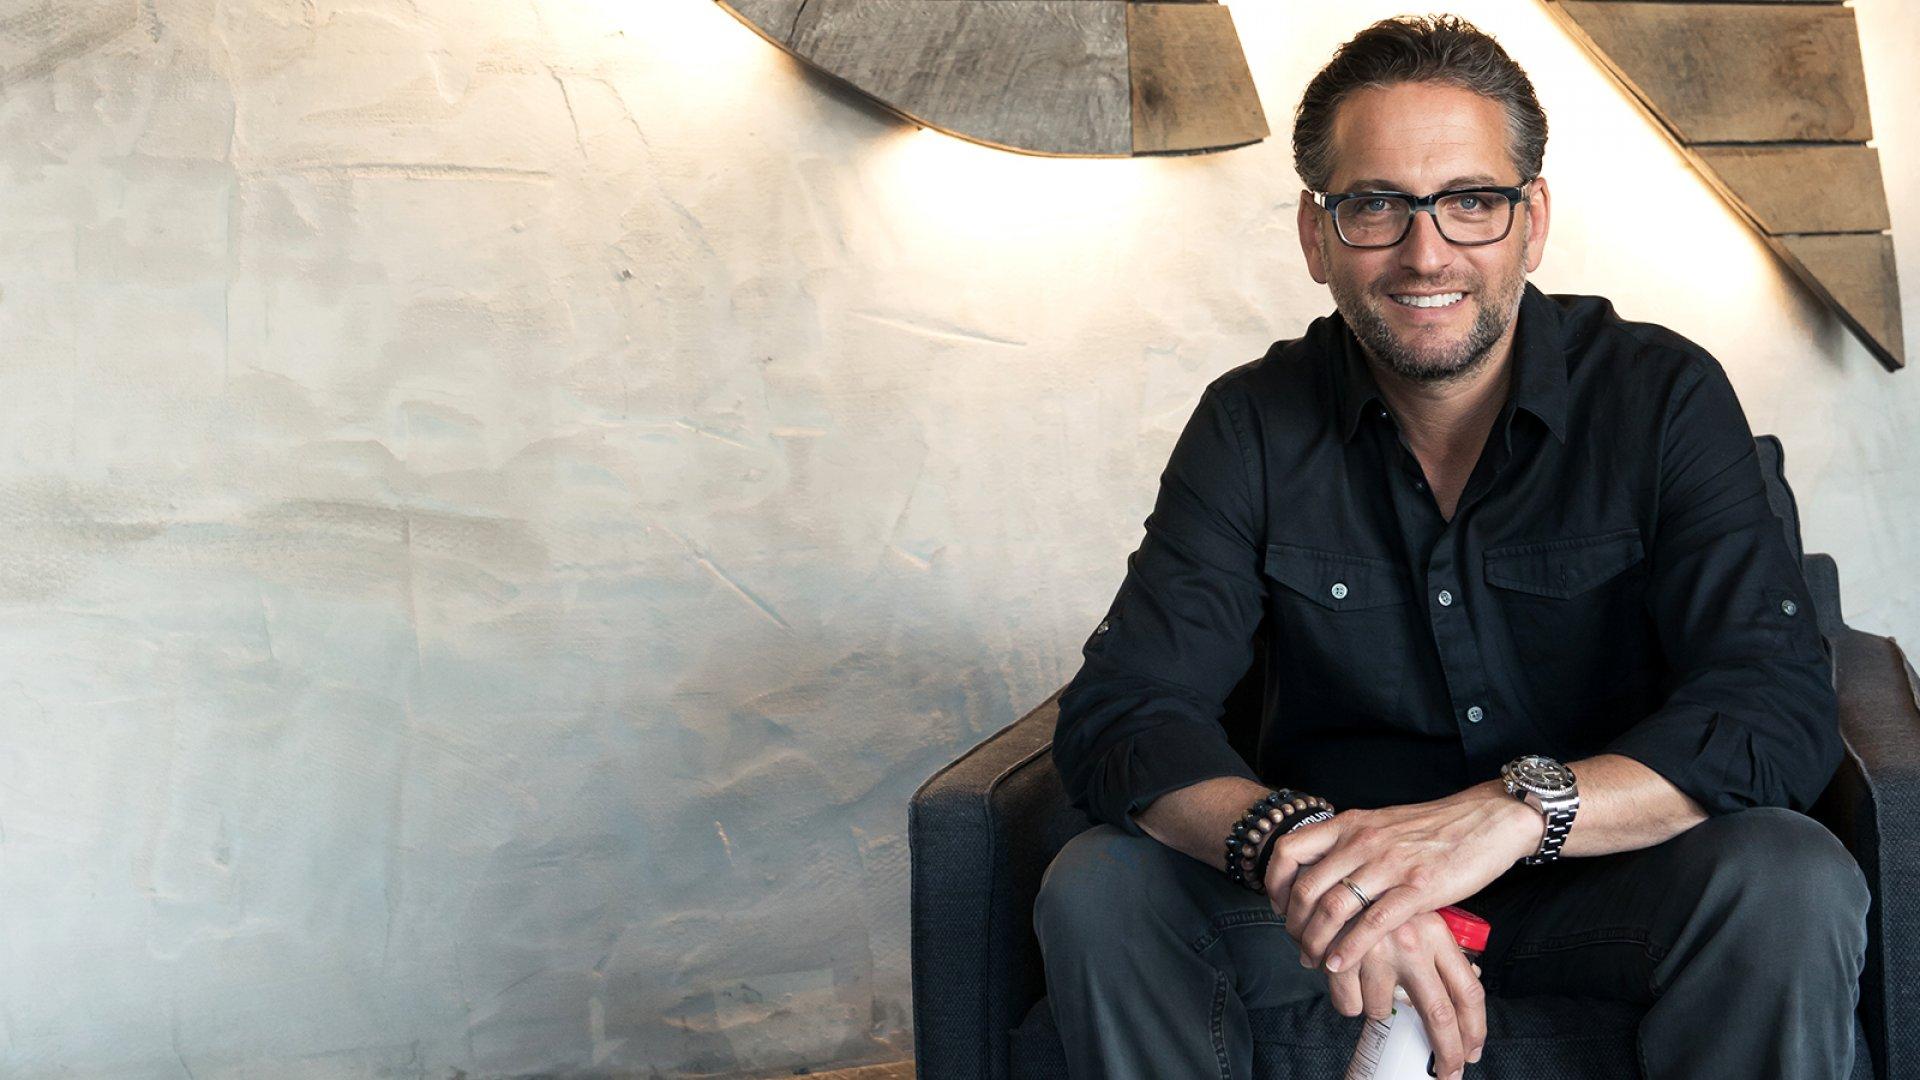 Bai Brands founder Ben Weiss.